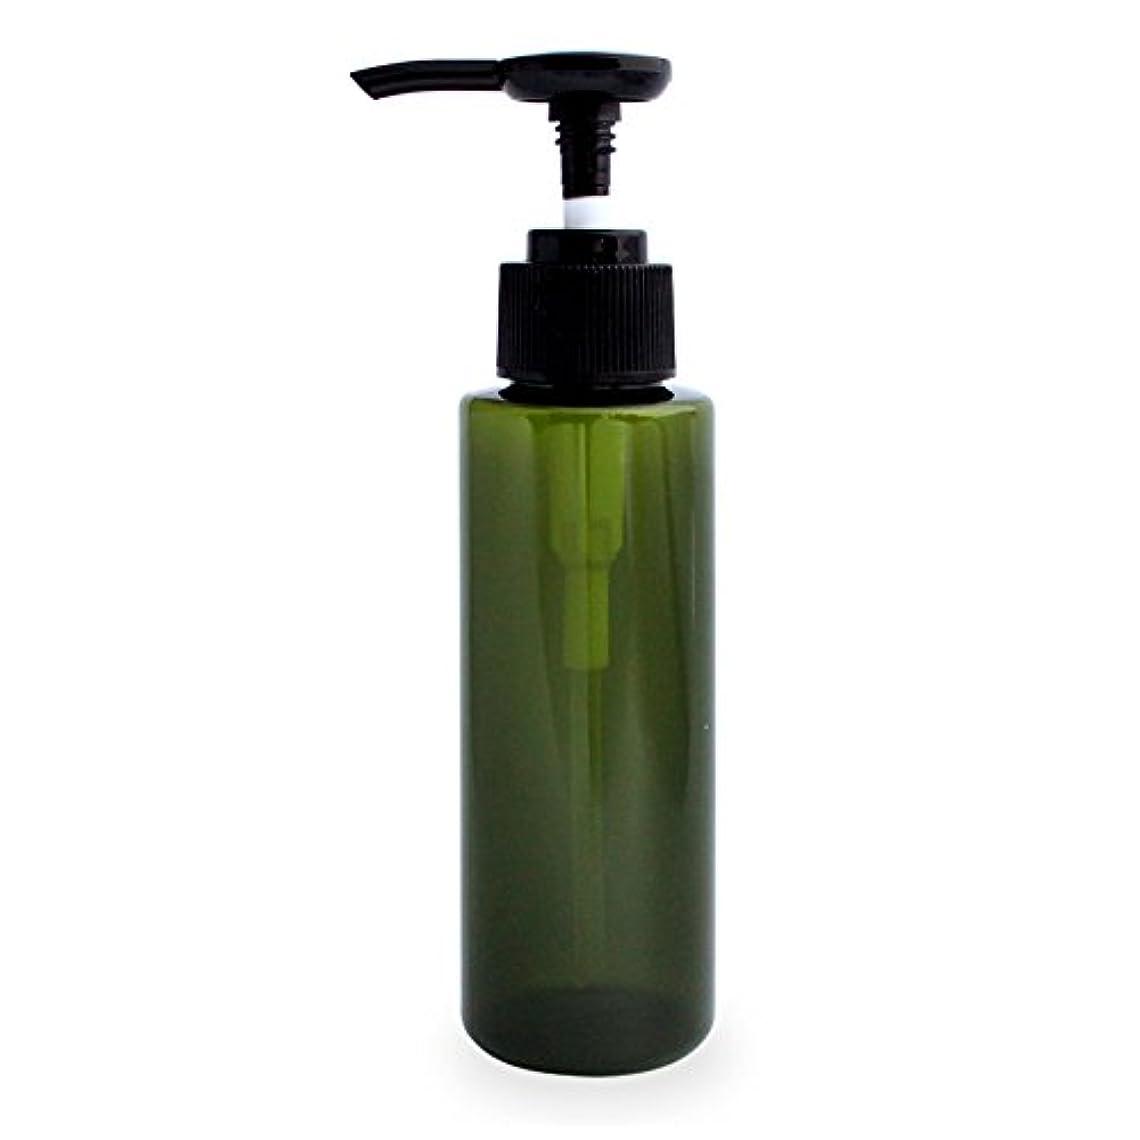 ポンプボトル100ml(グリーン)(プラスチック容器 オイル用空瓶 プラスチック製-PET 空ボトル プッシュポンプ)